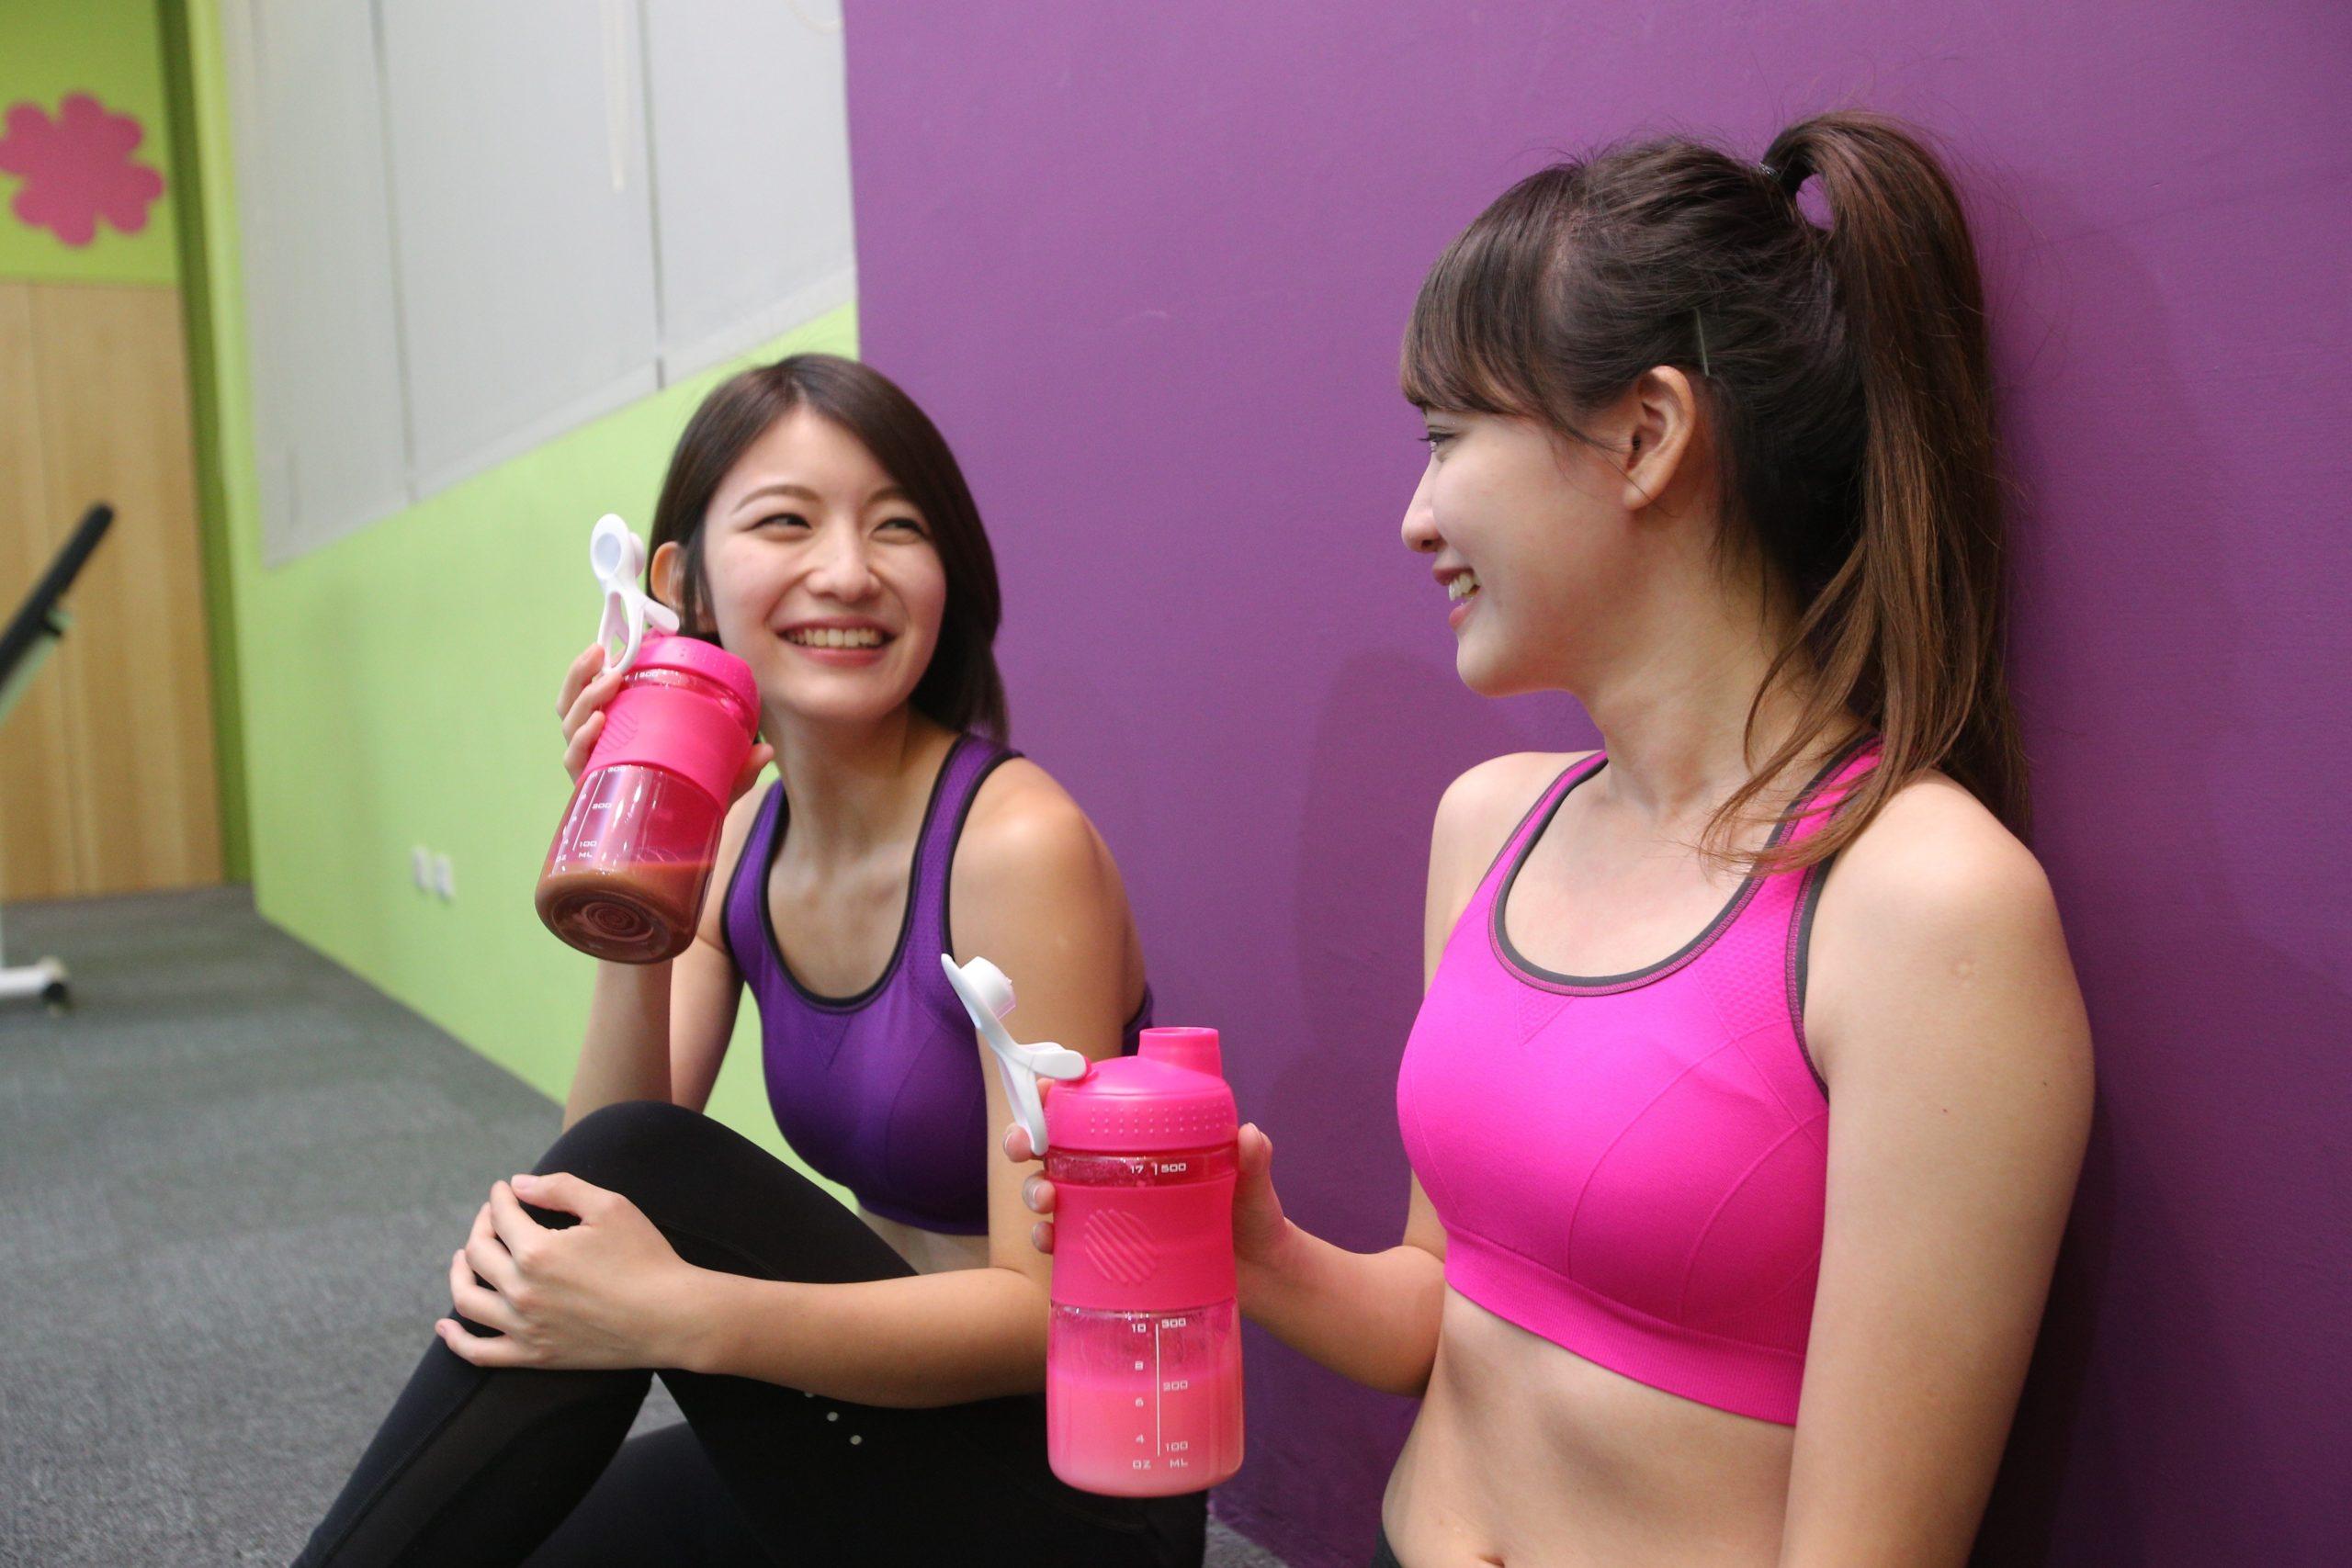 Curves,可爾姿,塑身,減 脂,減肥,女性 健身,運動 減肥,健身房,體態 雕塑,增強 體力